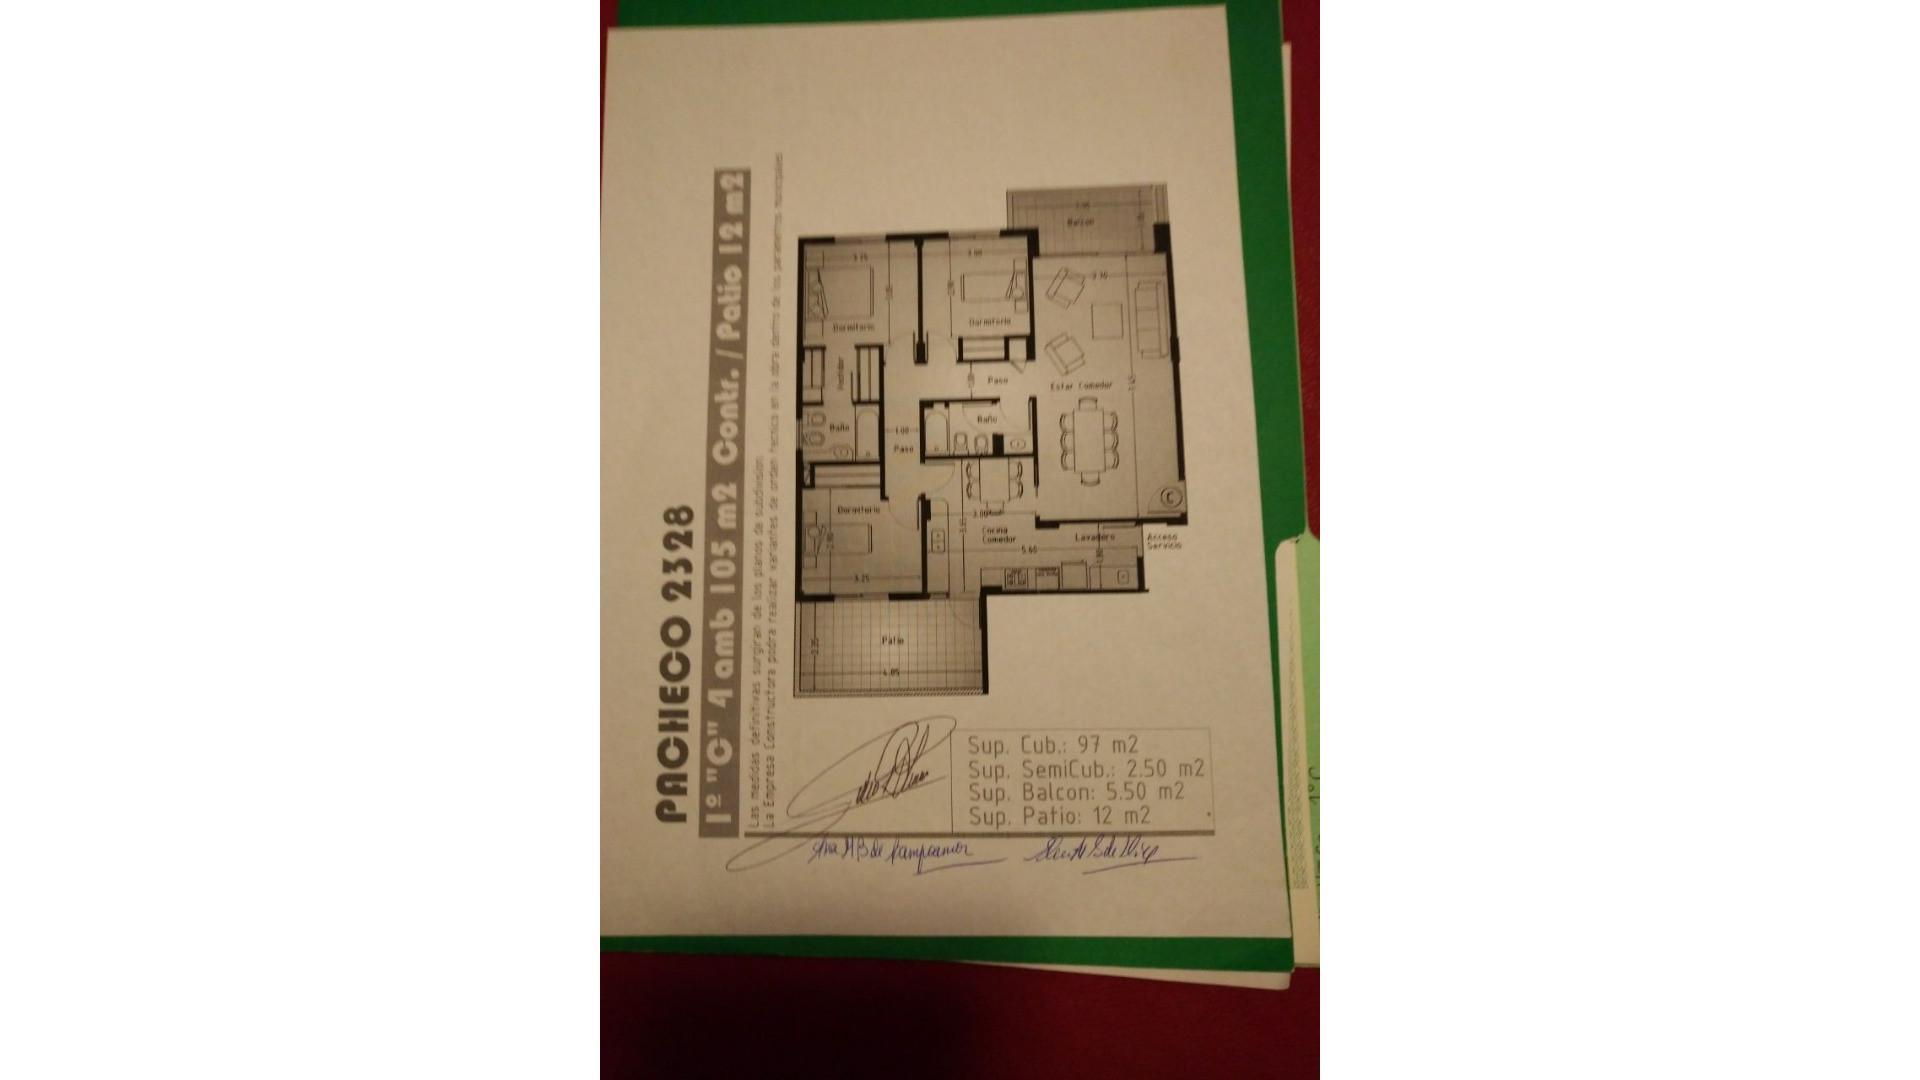 Venta: Pacheco 2328 4 amb. 105 m2 - Contra frente / Patio 12 m2 -Cochera + baulera